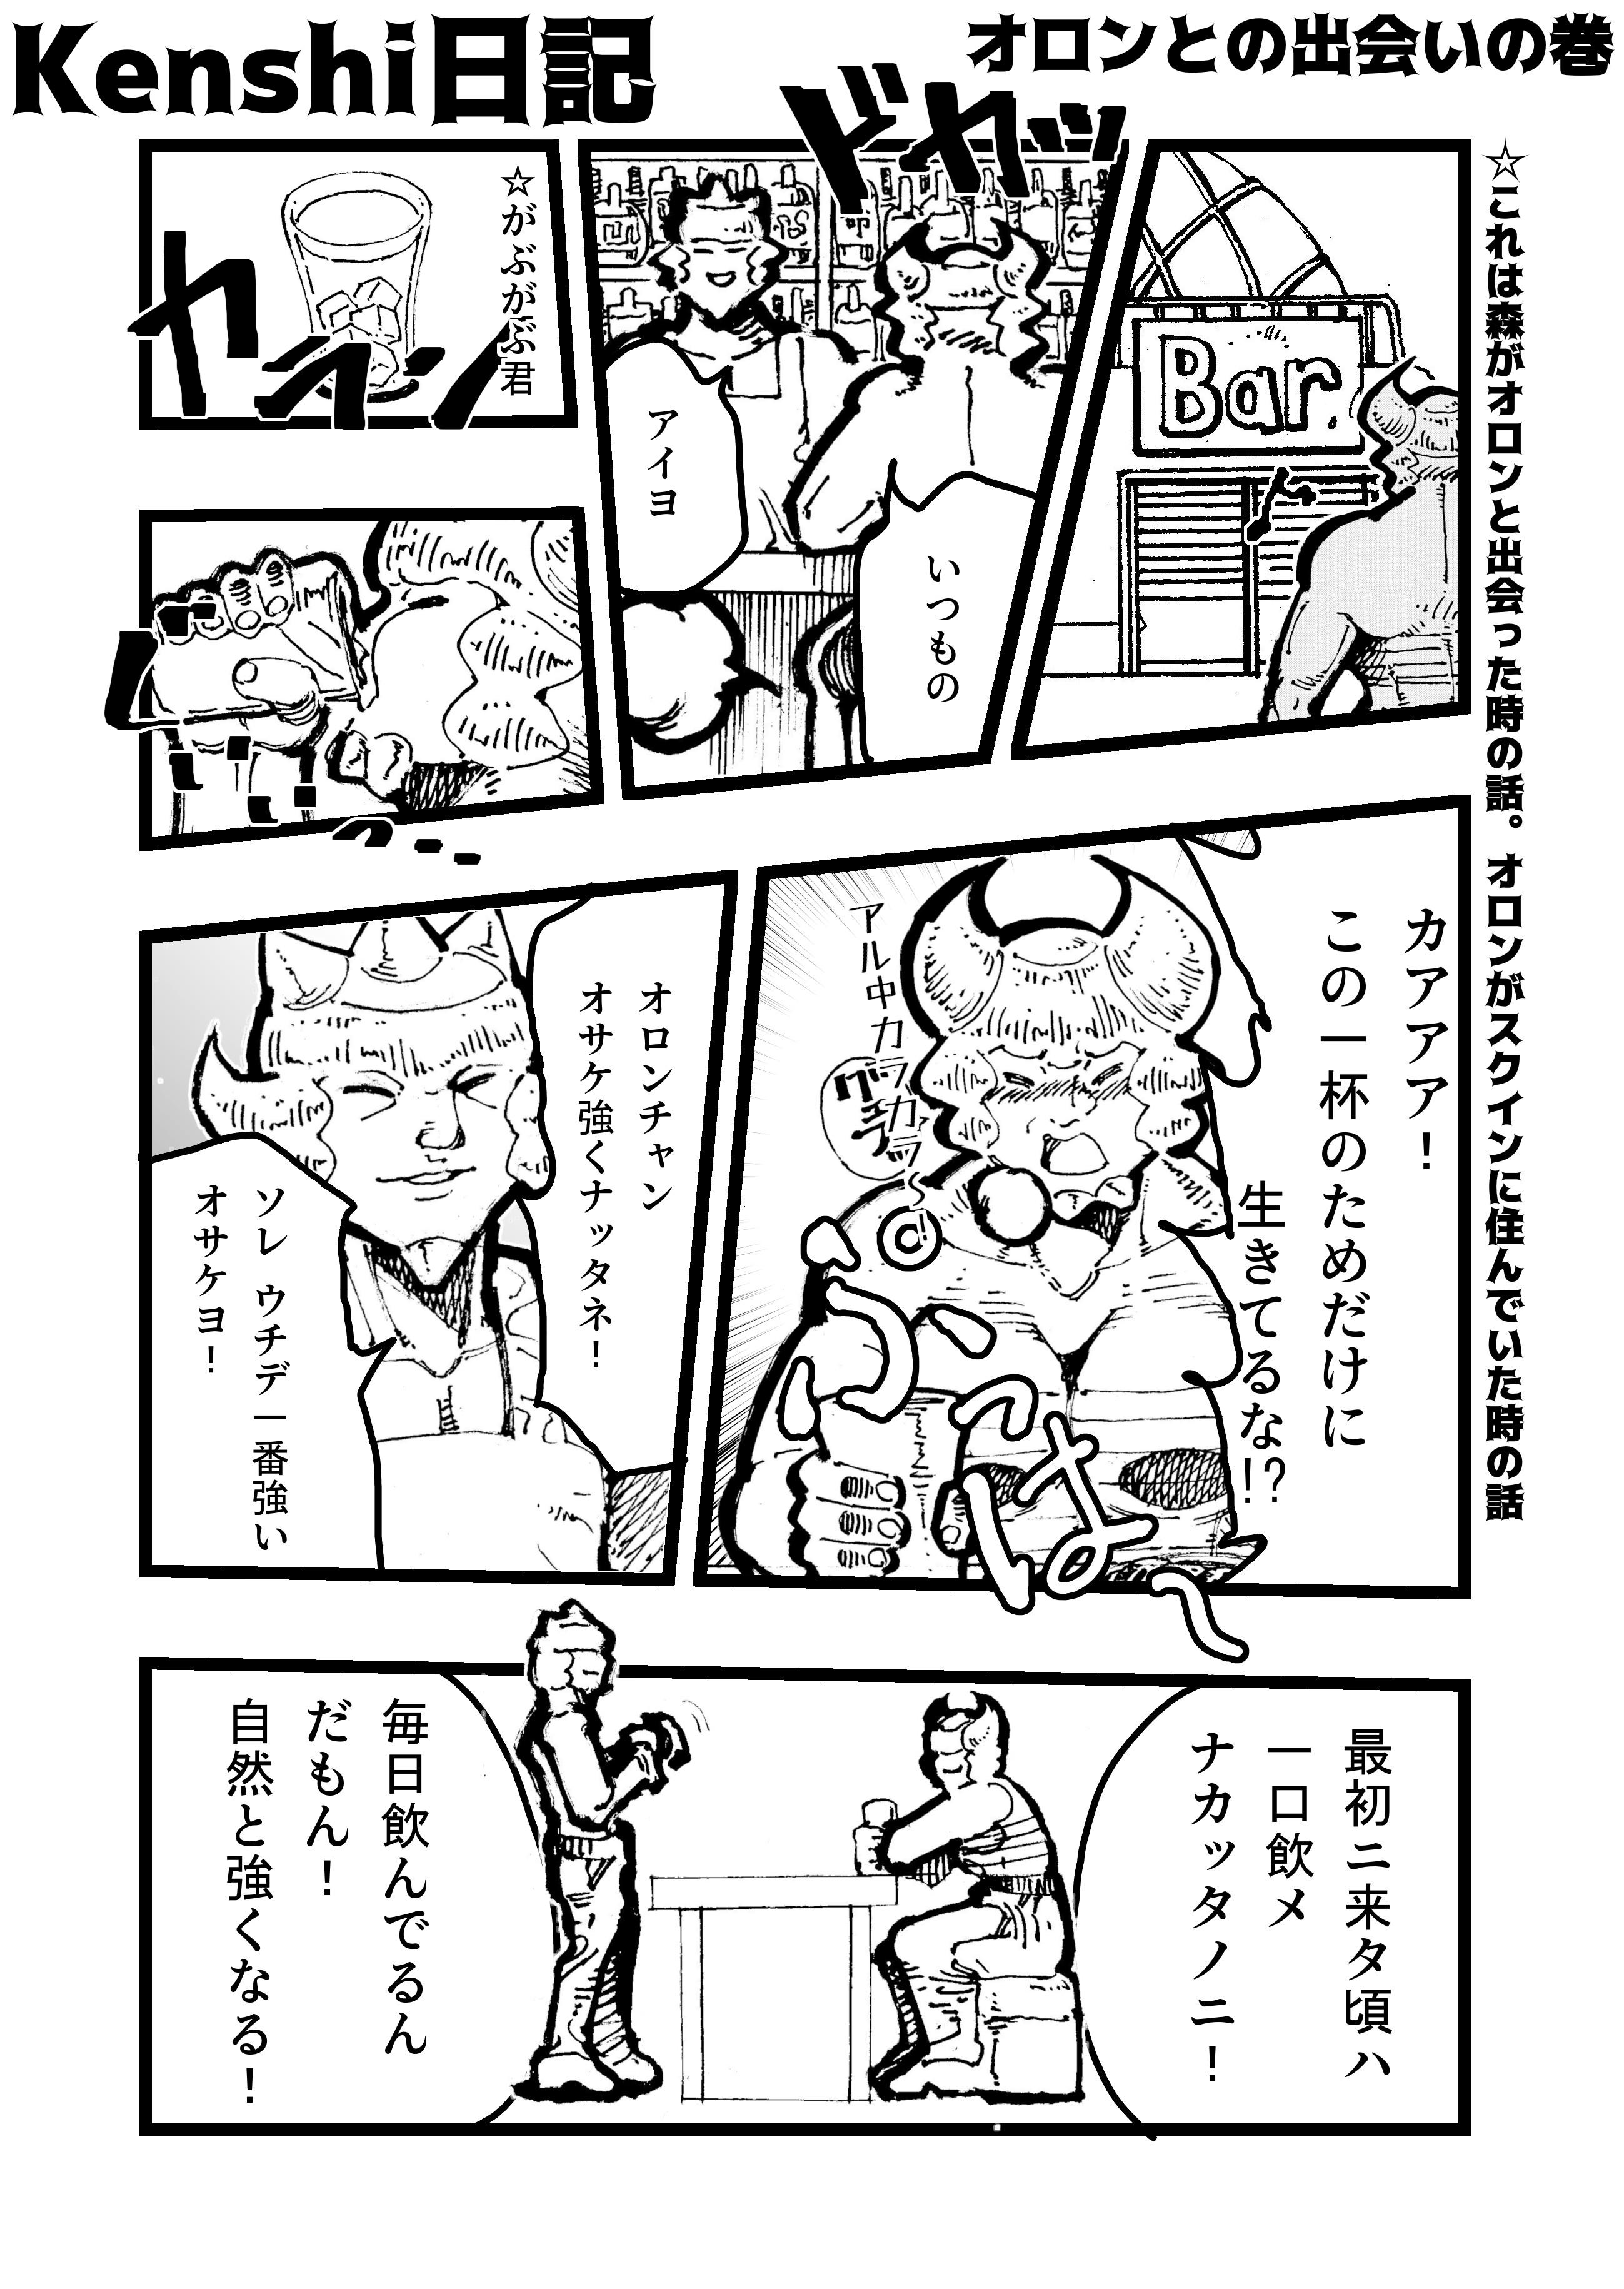 Kenshi日記29 オロンとの出会いの巻